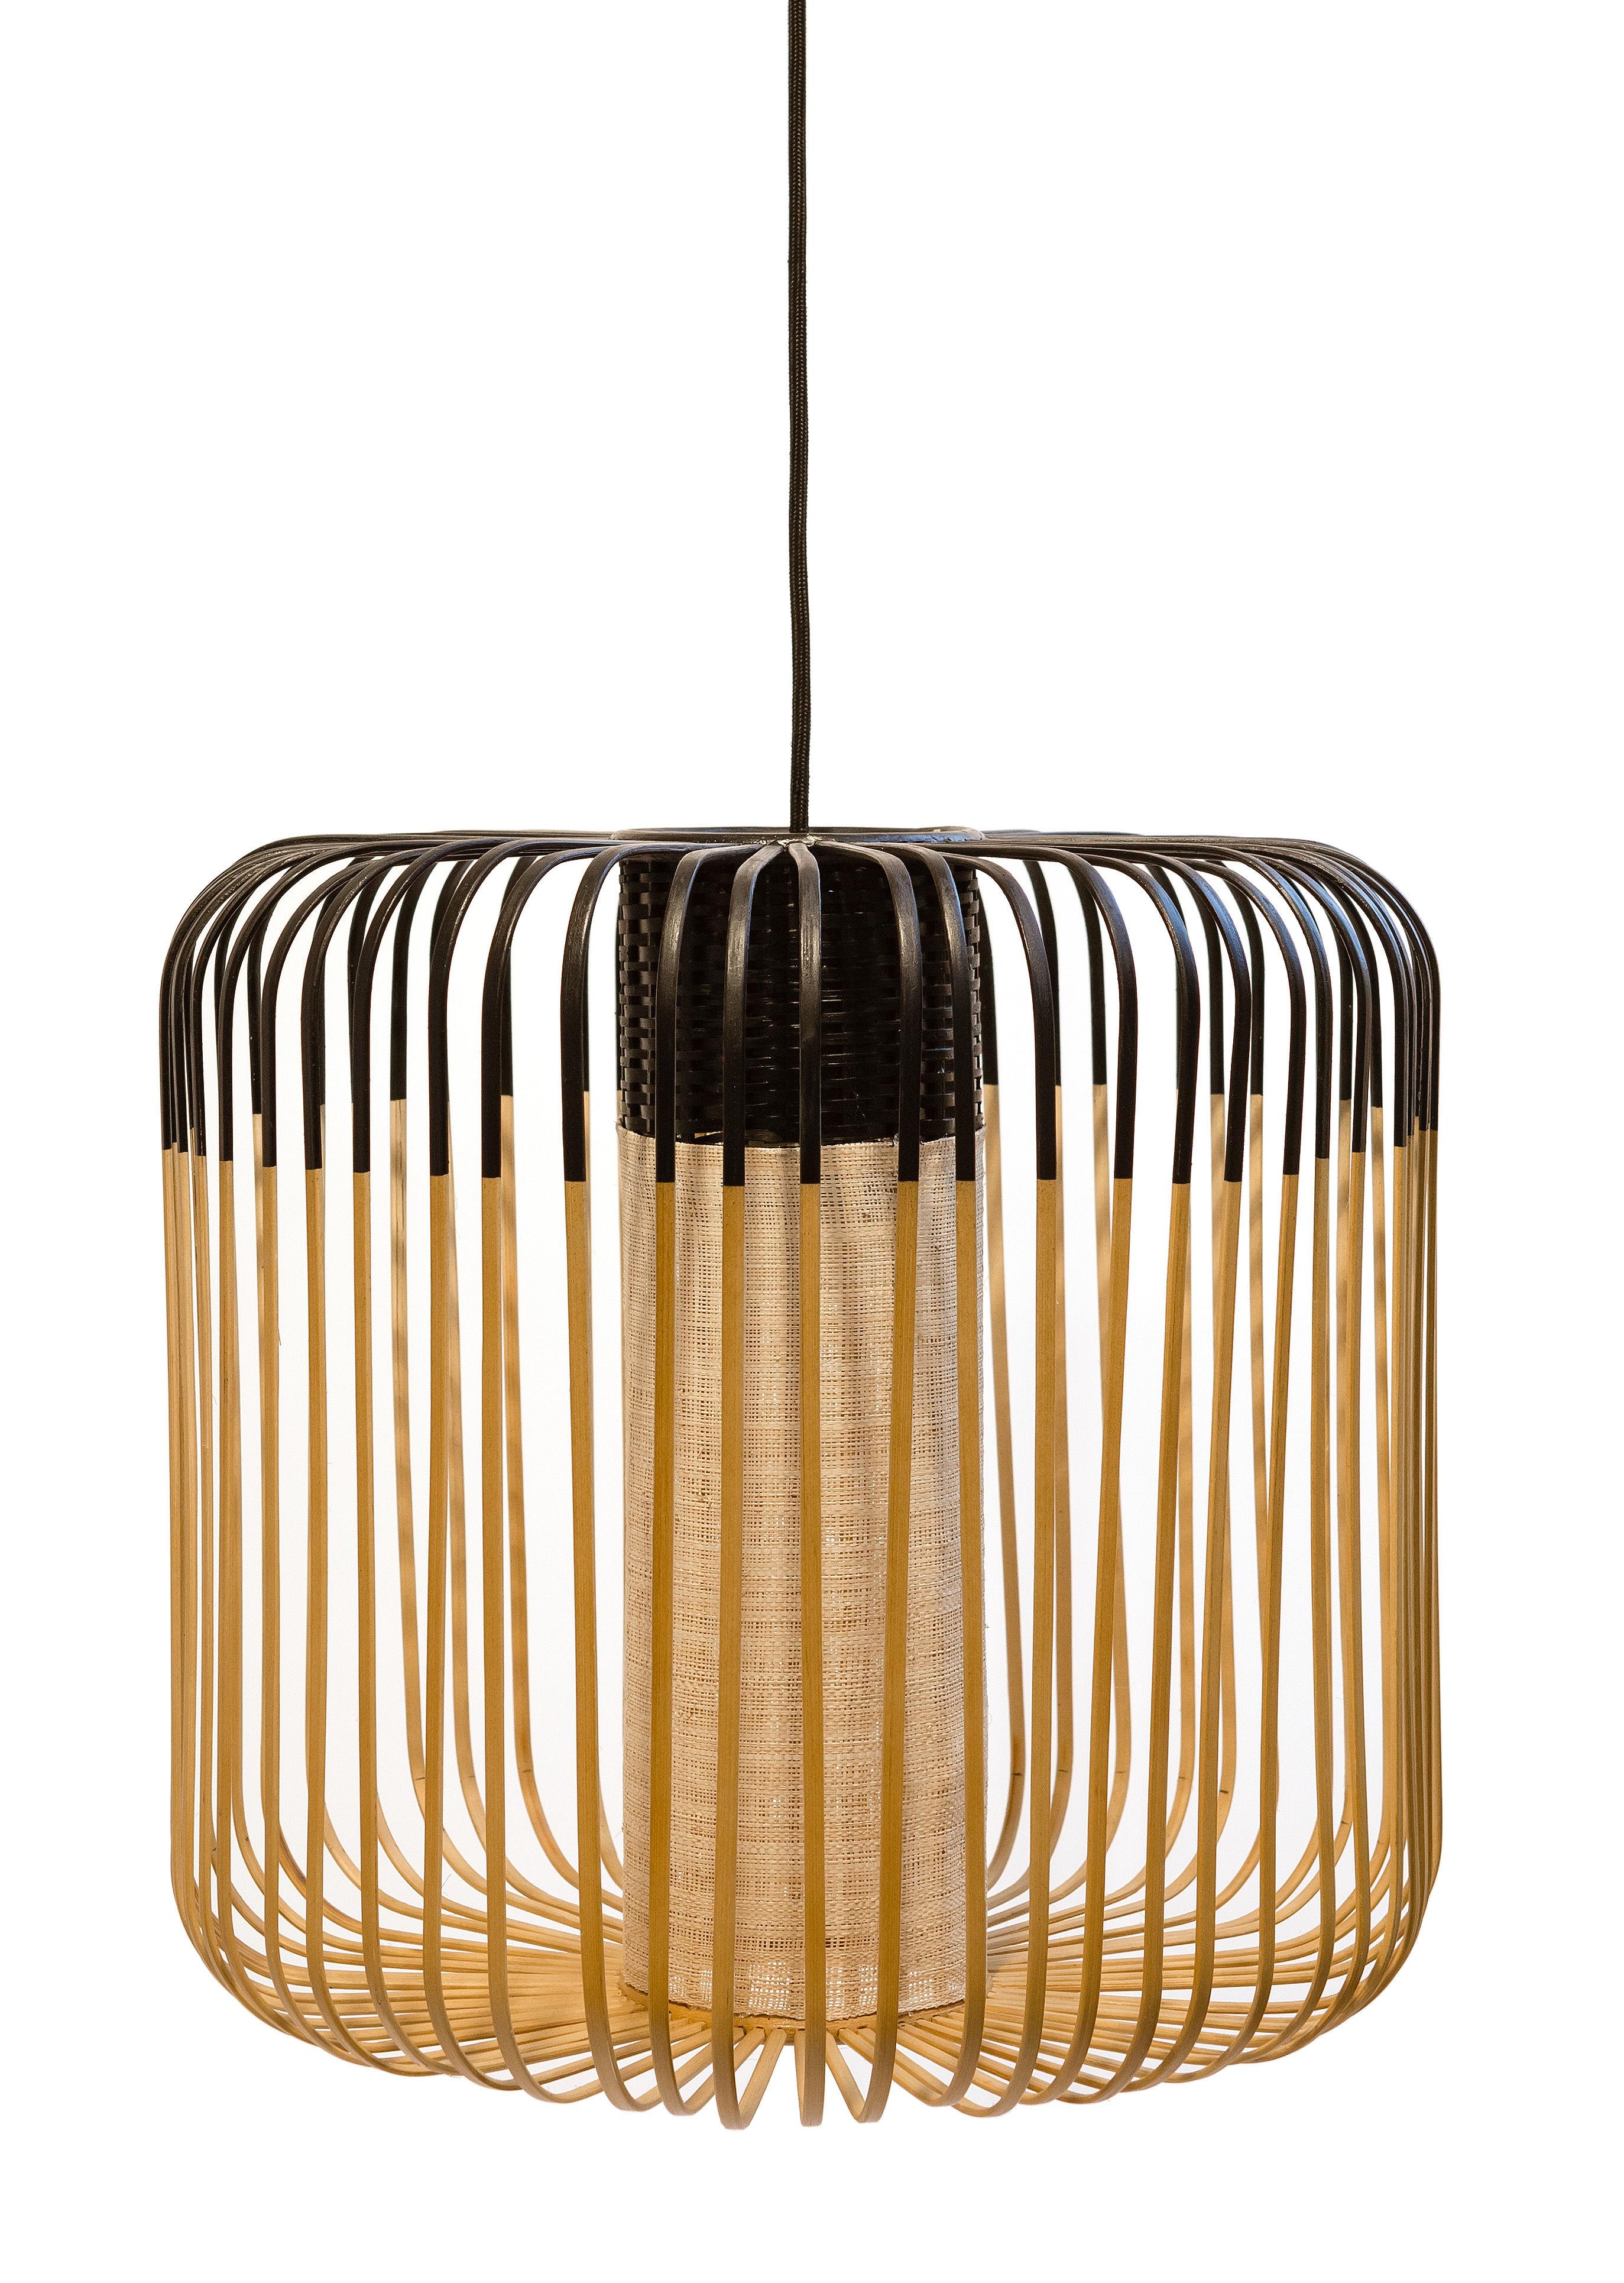 Luminaire - Suspensions - Suspension Bamboo Light M Outdoor / H 40 x Ø 45 cm - Forestier - Noir / Naturel - Bambou naturel, Caoutchouc